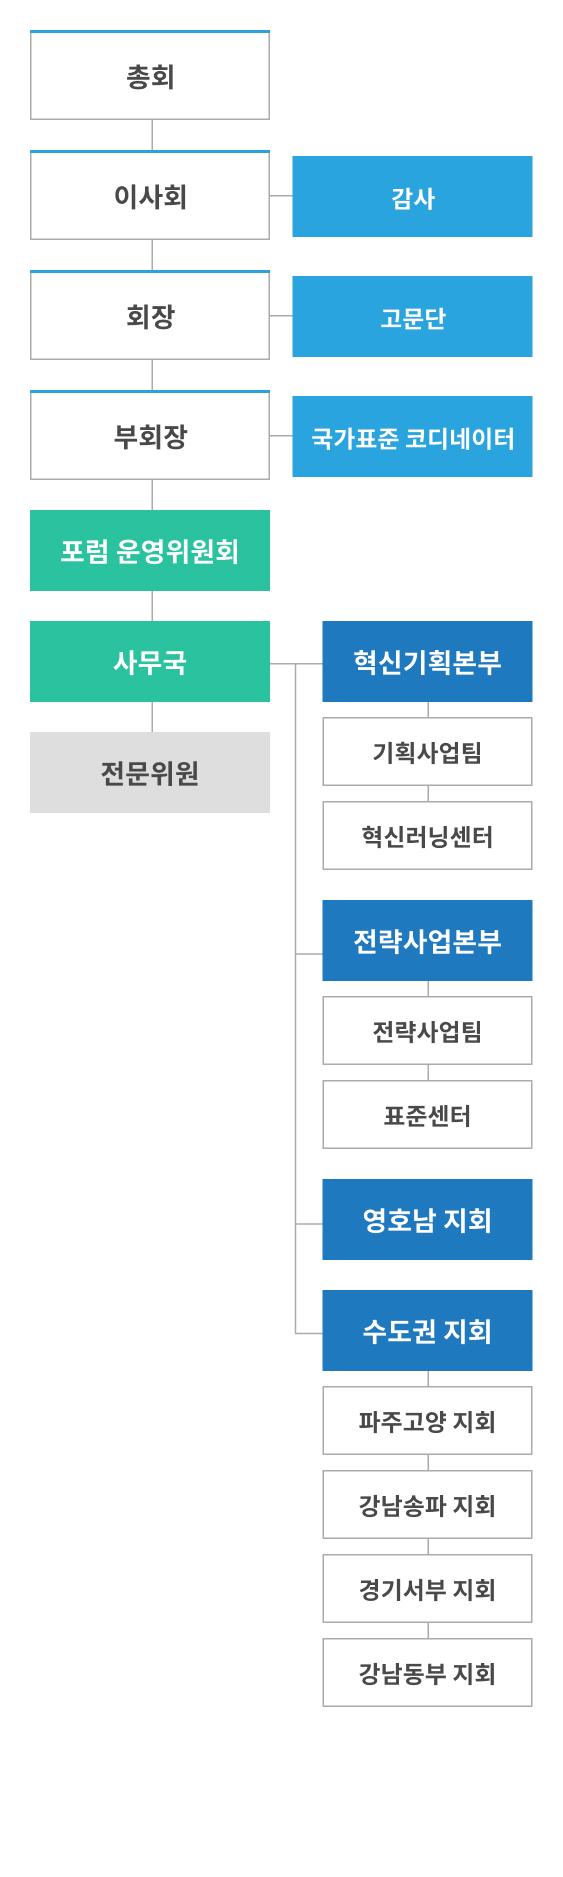 조직도_m.jpg